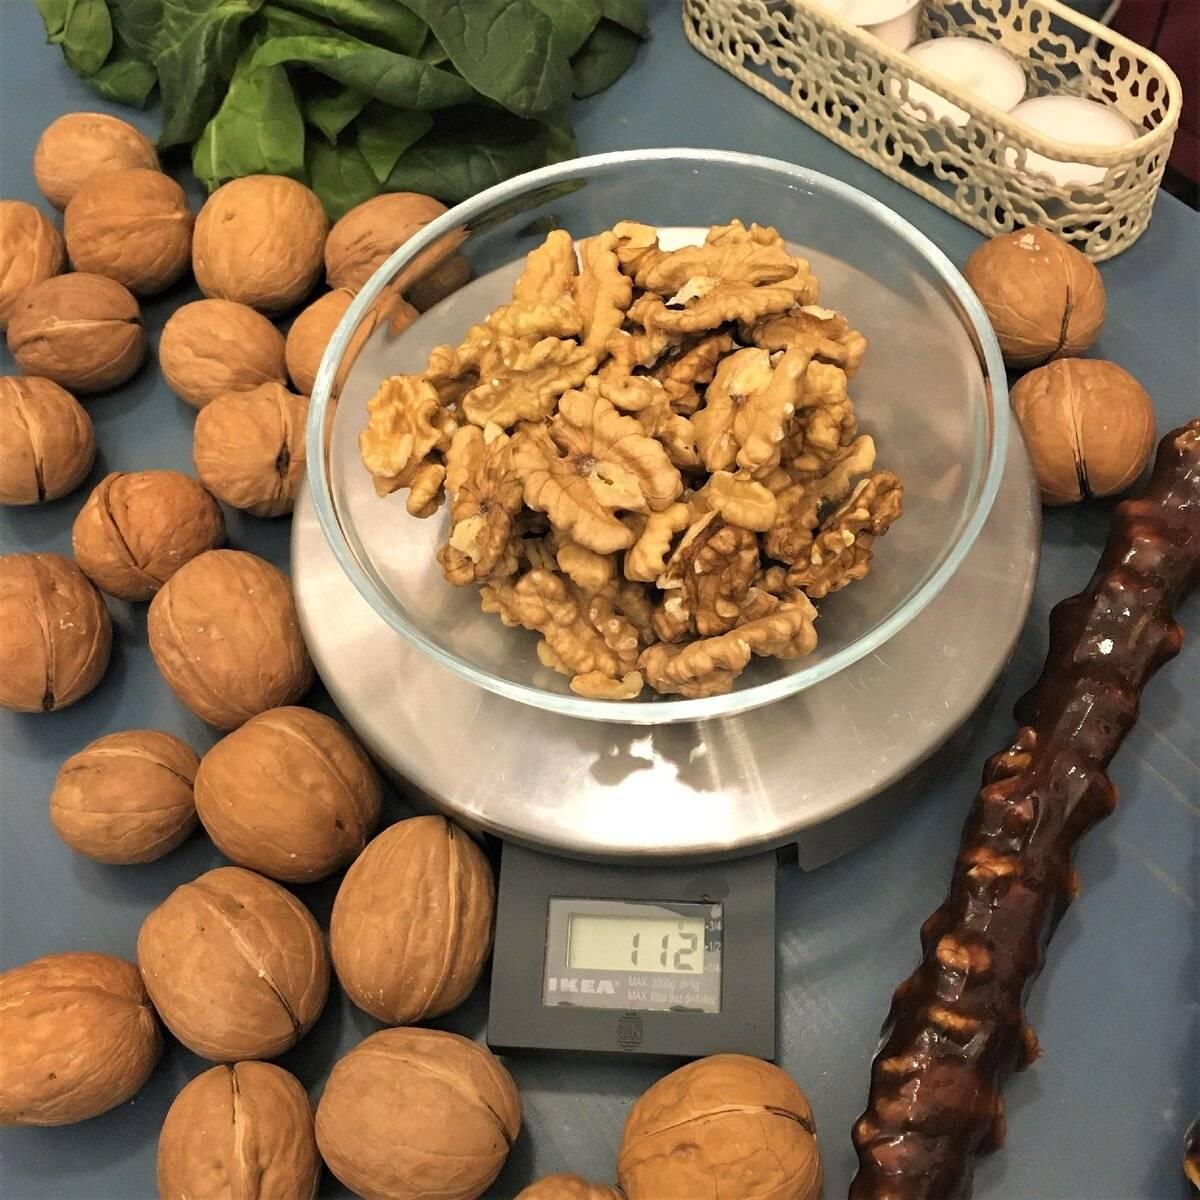 Зачем замачивать орехи перед употреблением. как правильно это делать